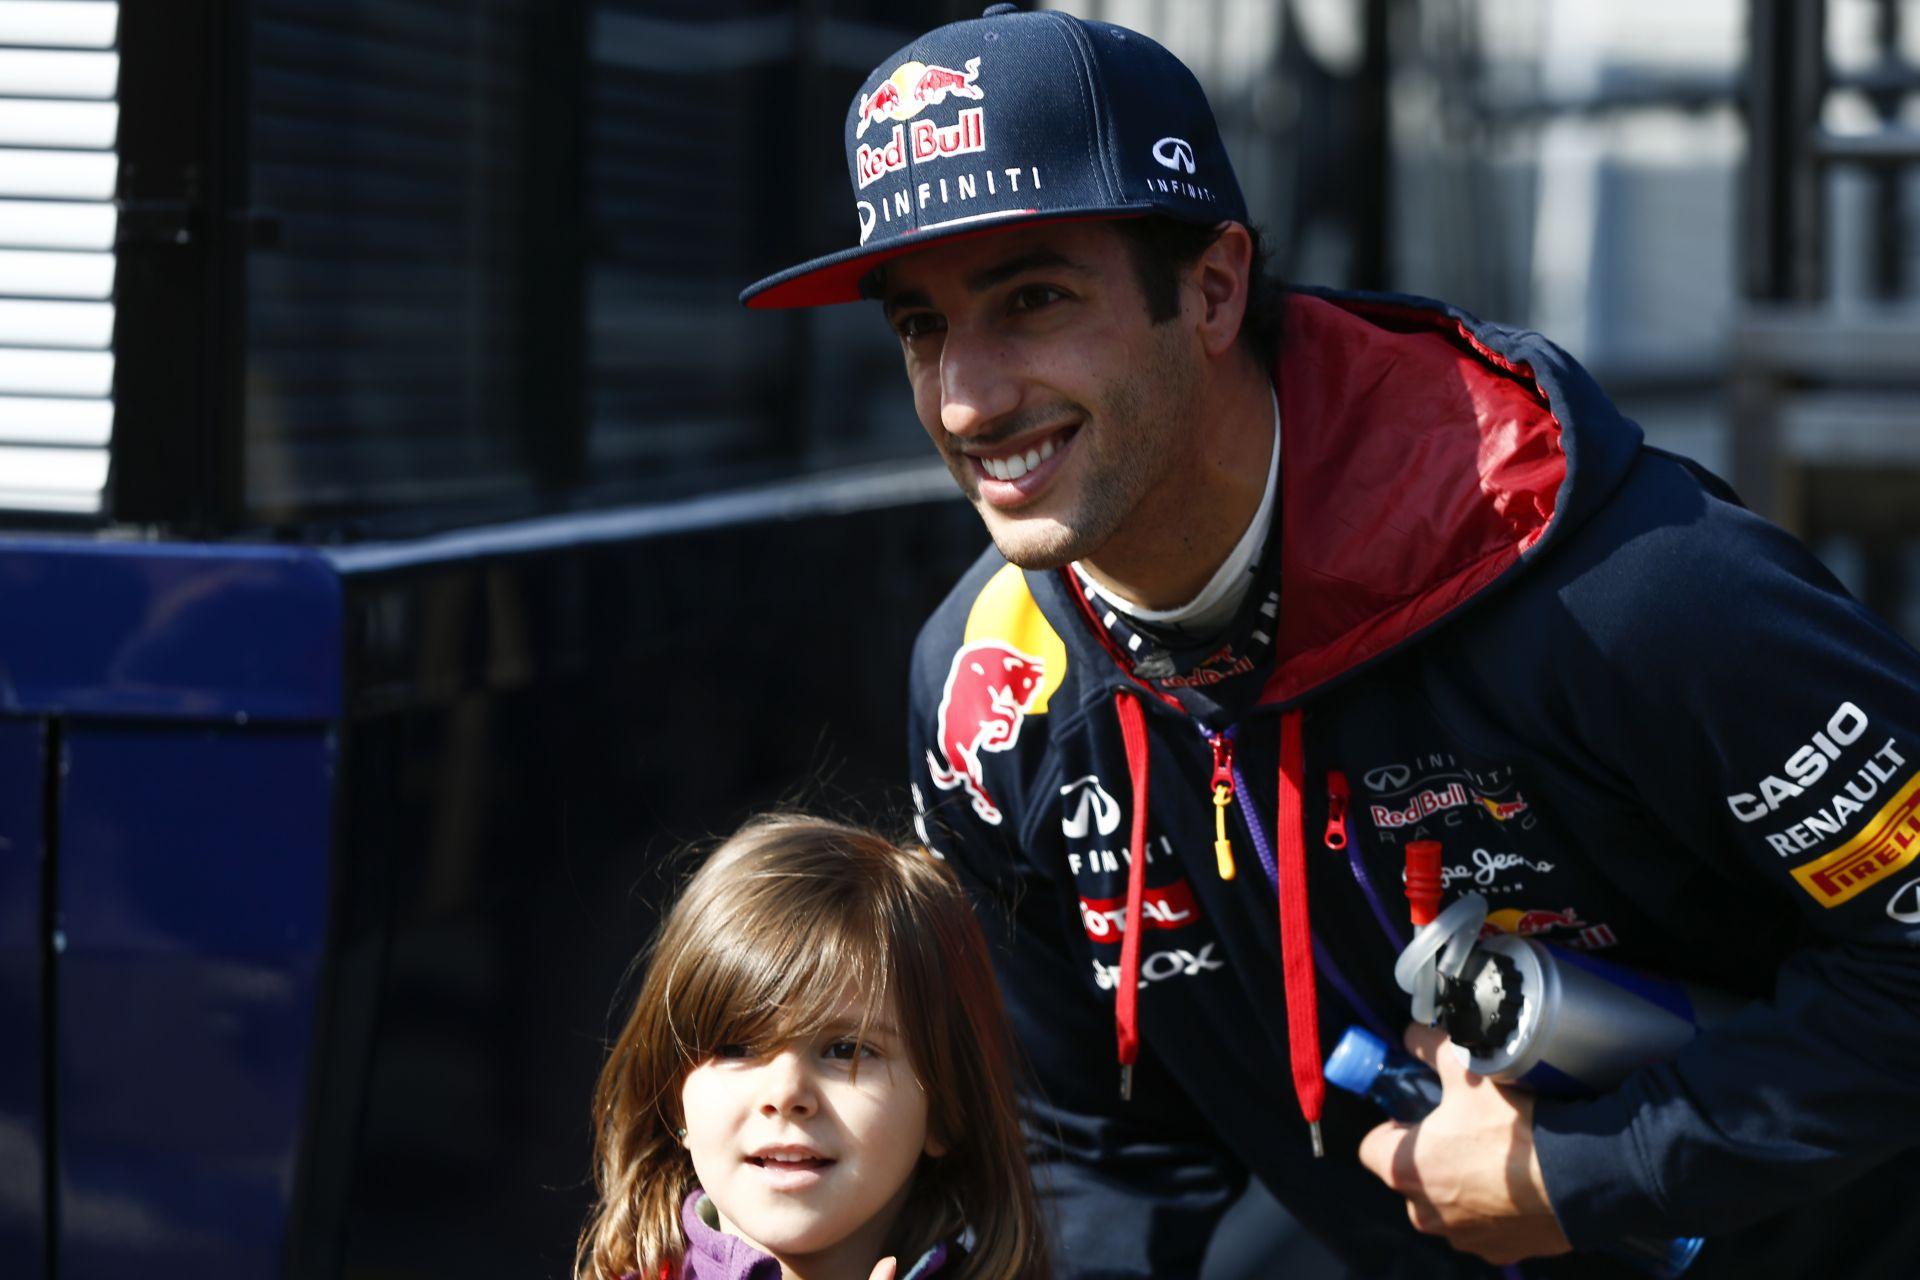 Akad még tennivaló a Red Bullnál, de a versenyhétvége remek alkalom elintézni ezeket